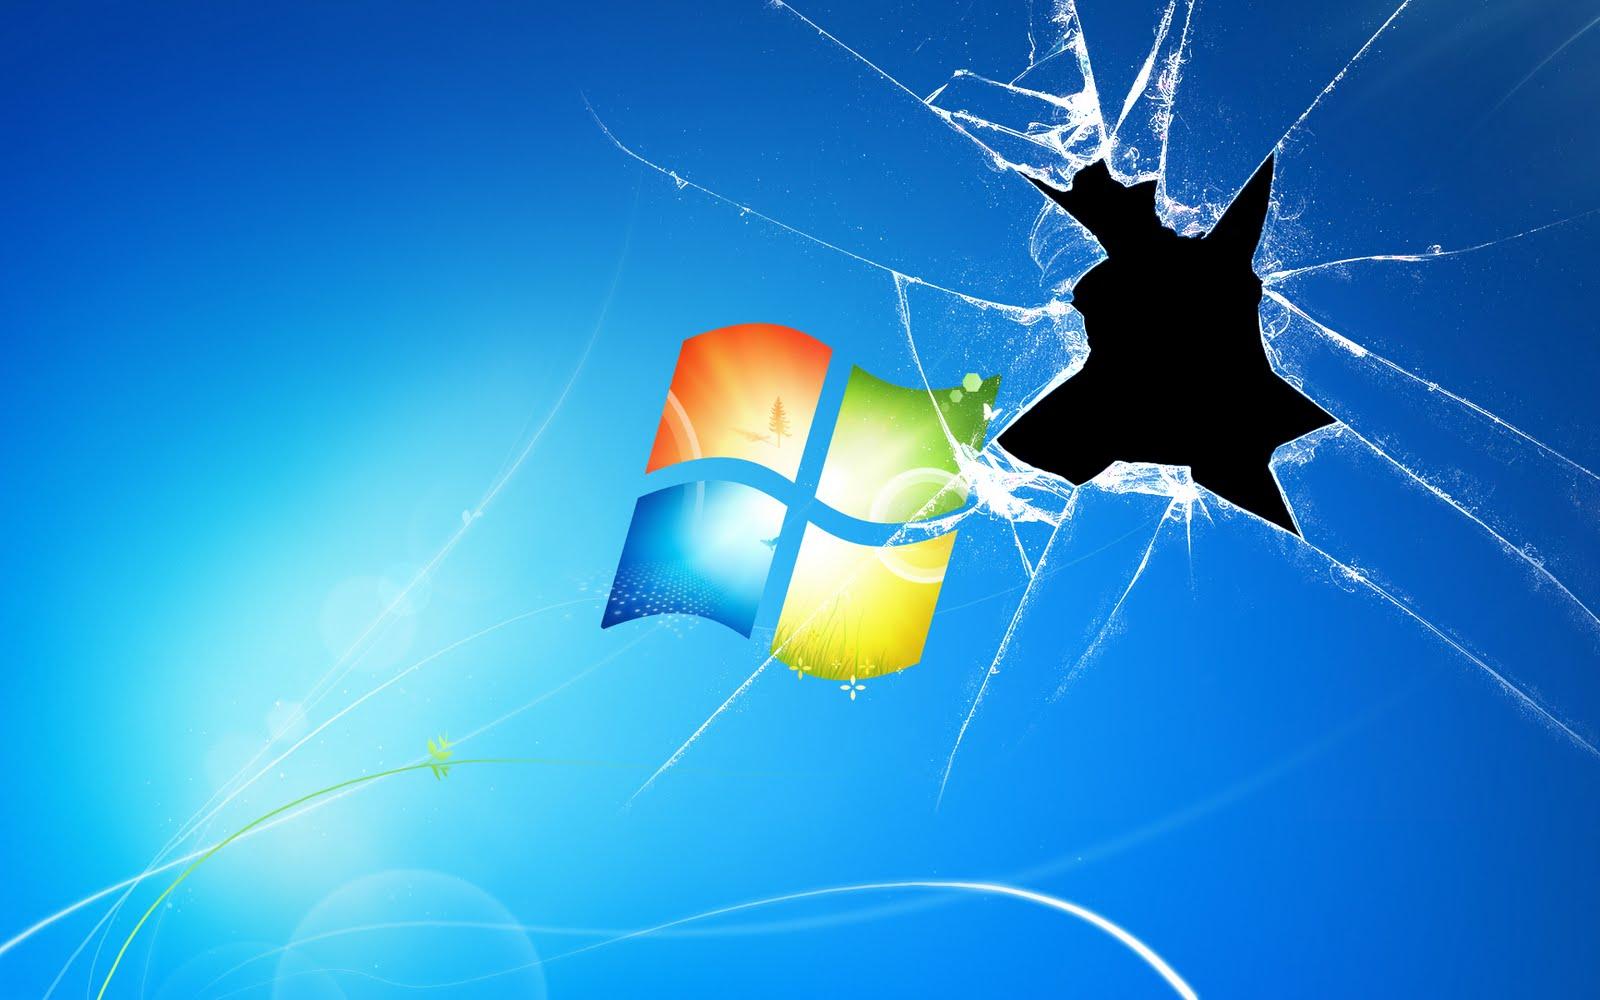 W7 Seriales OEM de Activacion Windows 7 Todas las Versiones 1600x1000